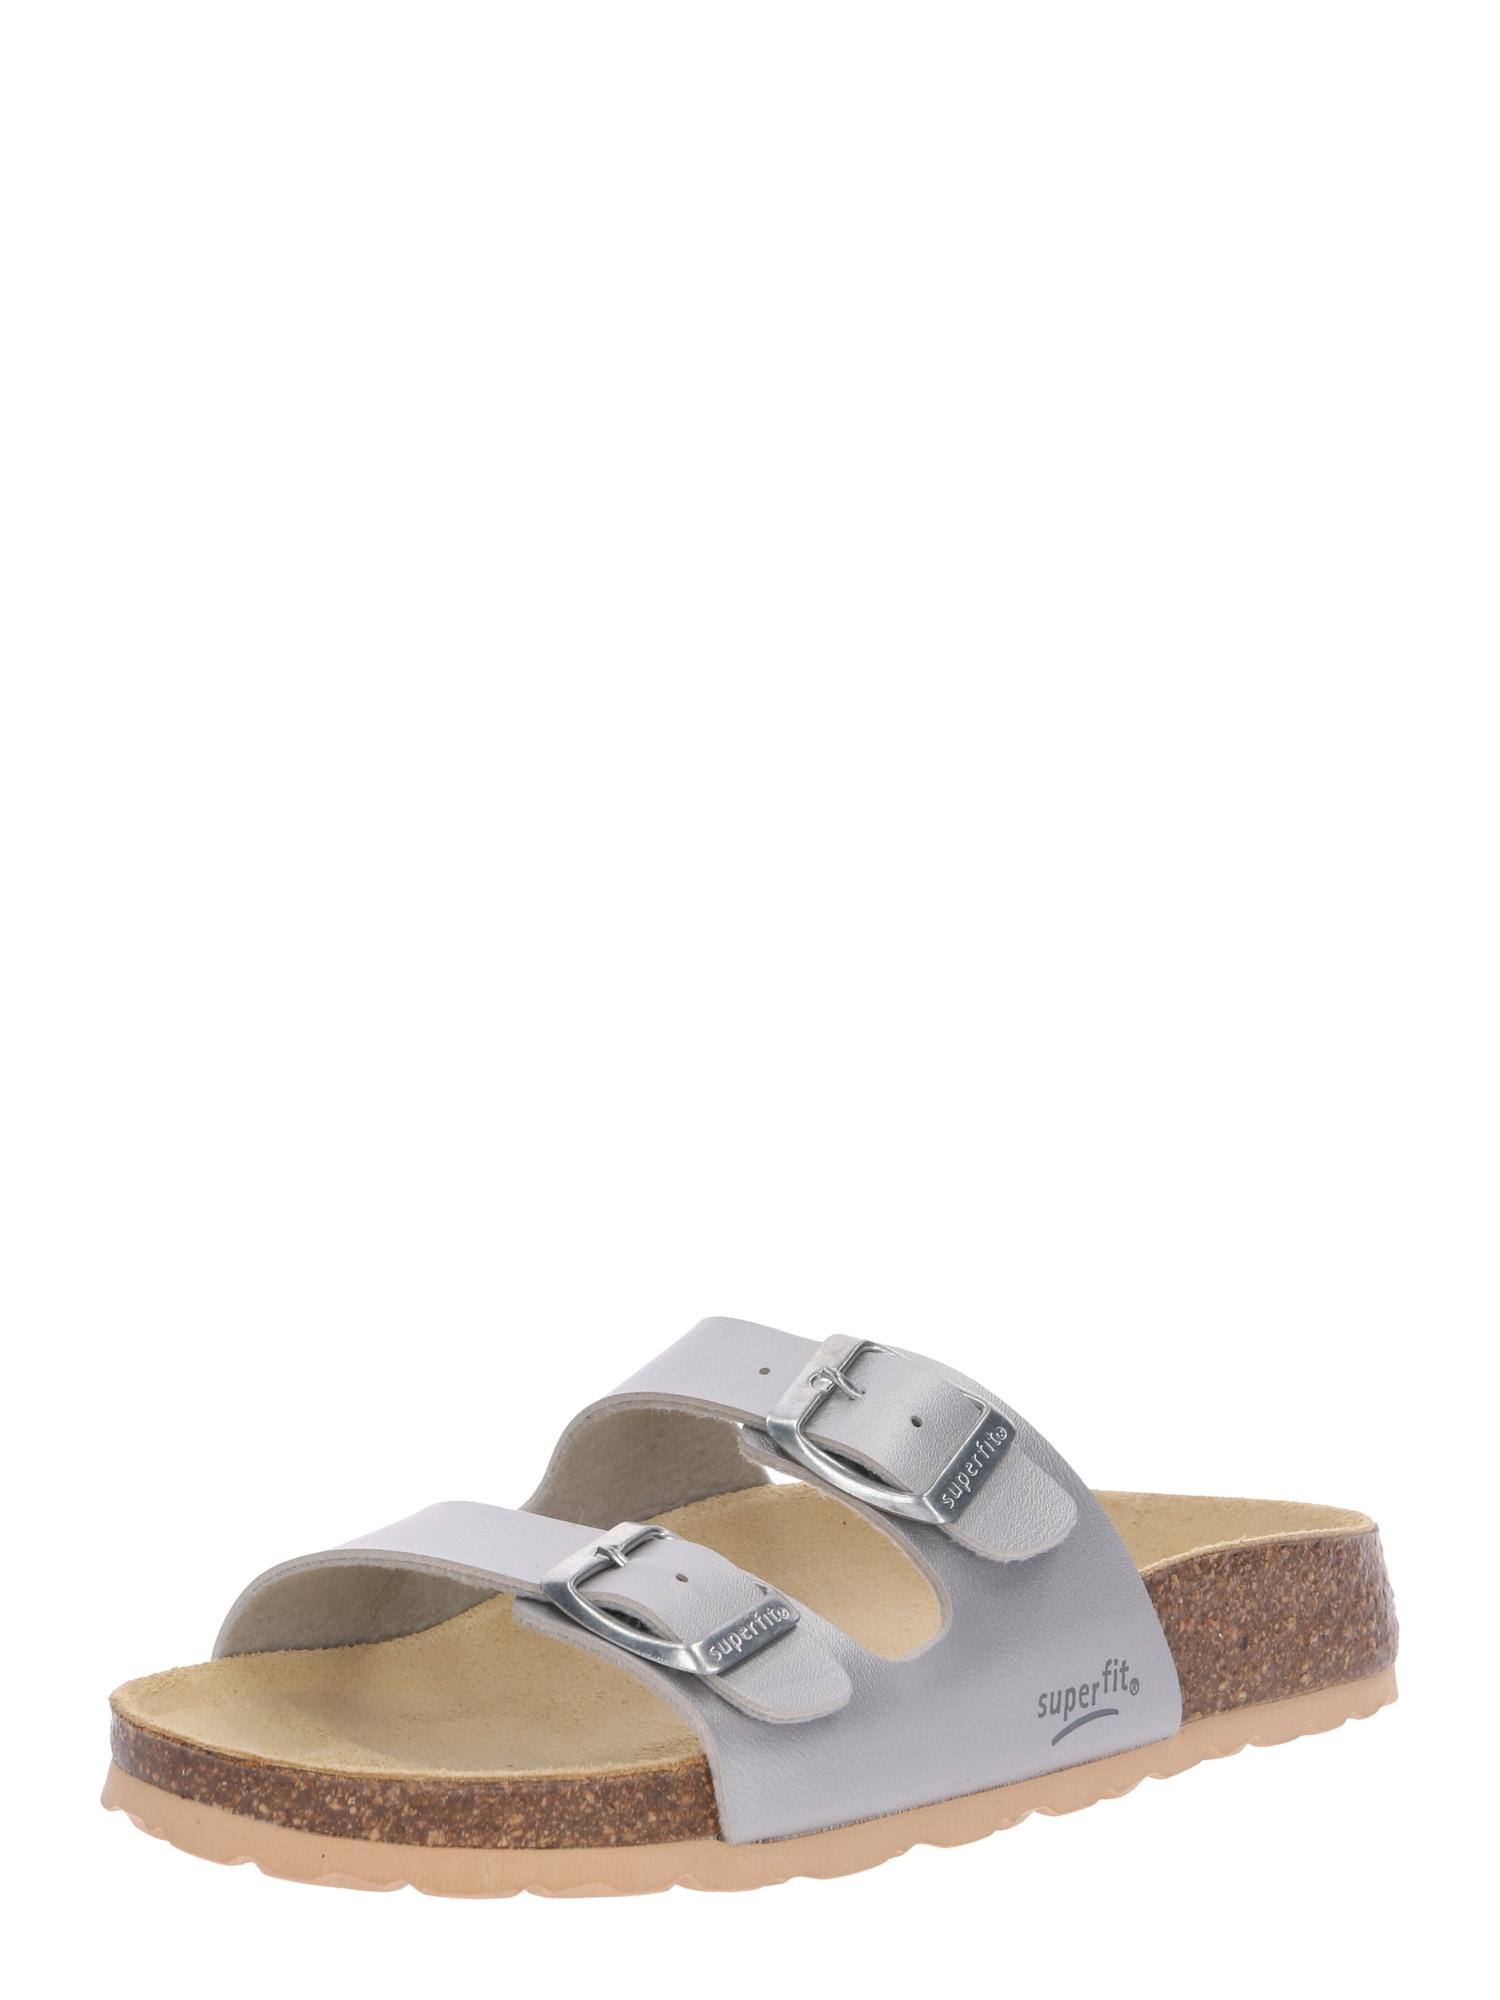 Otevřená obuv FUSSBETTPANTOFFEL stříbrná SUPERFIT